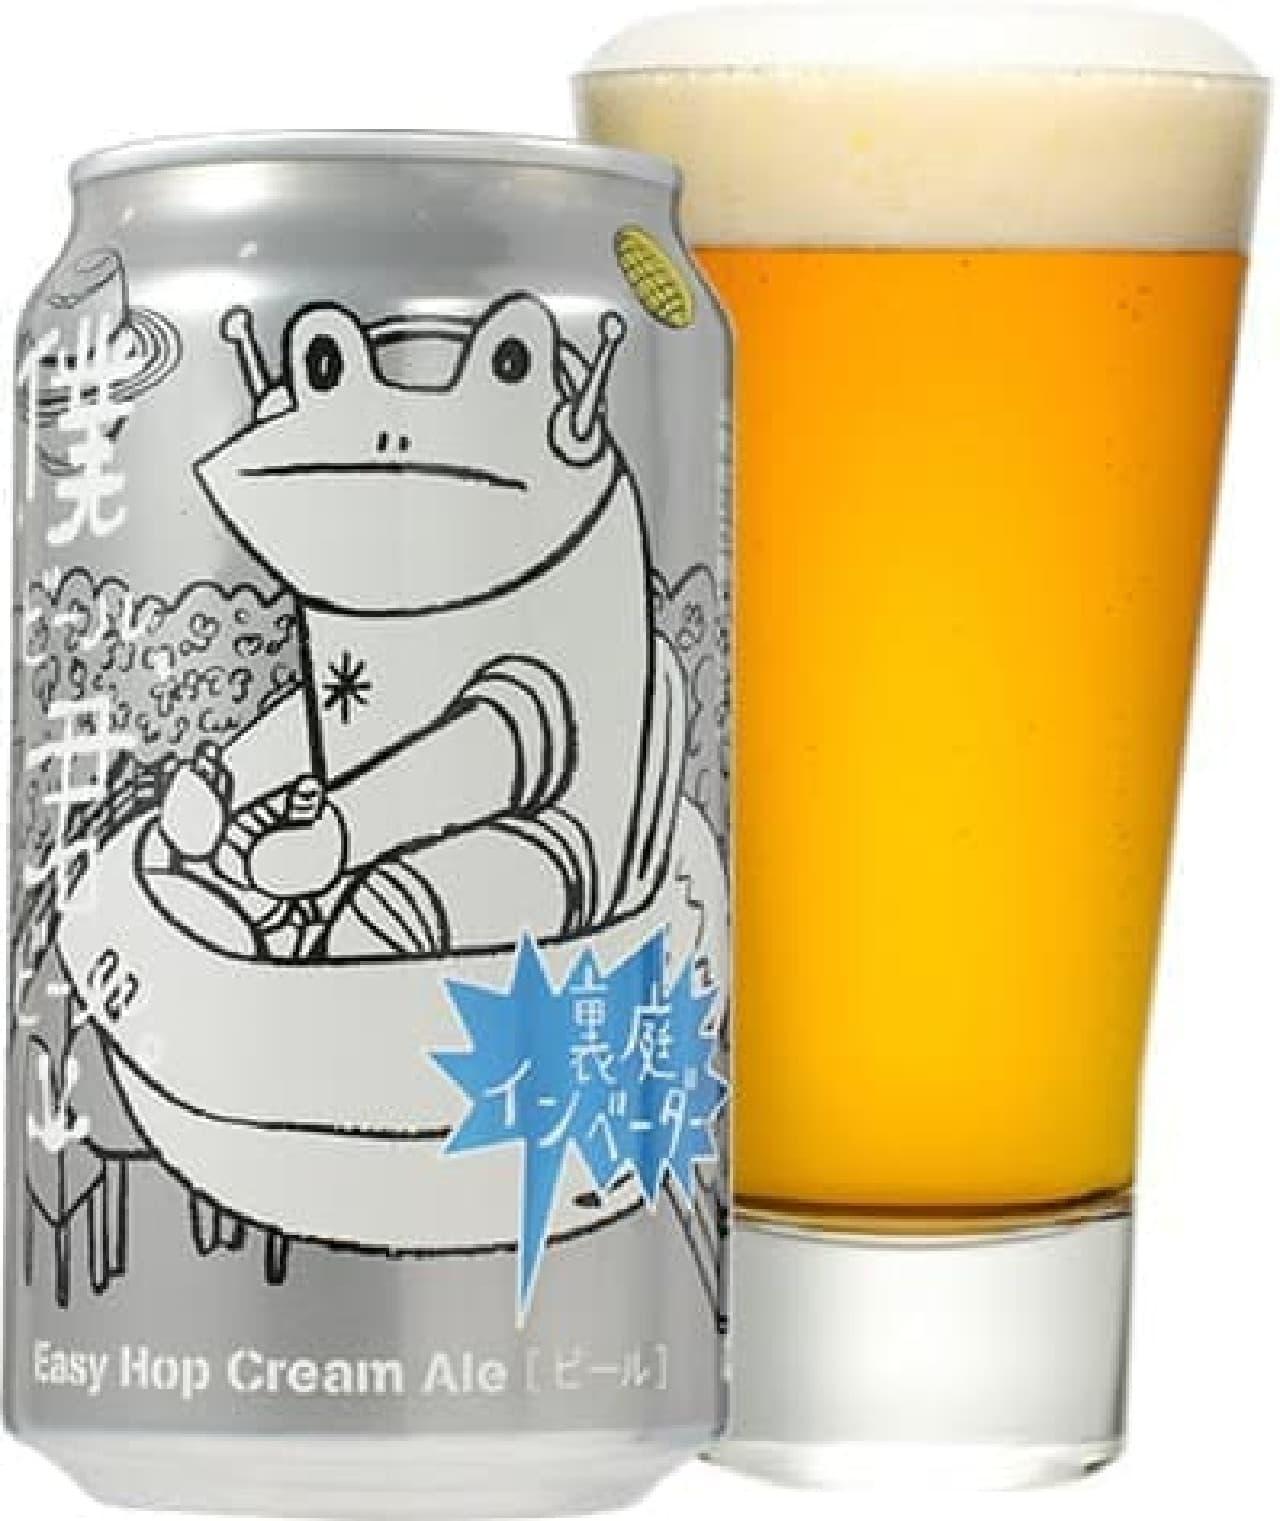 ヤッホー×ローソンの新作クラフトビール「僕ビール、君ビール。裏庭インベーダー」